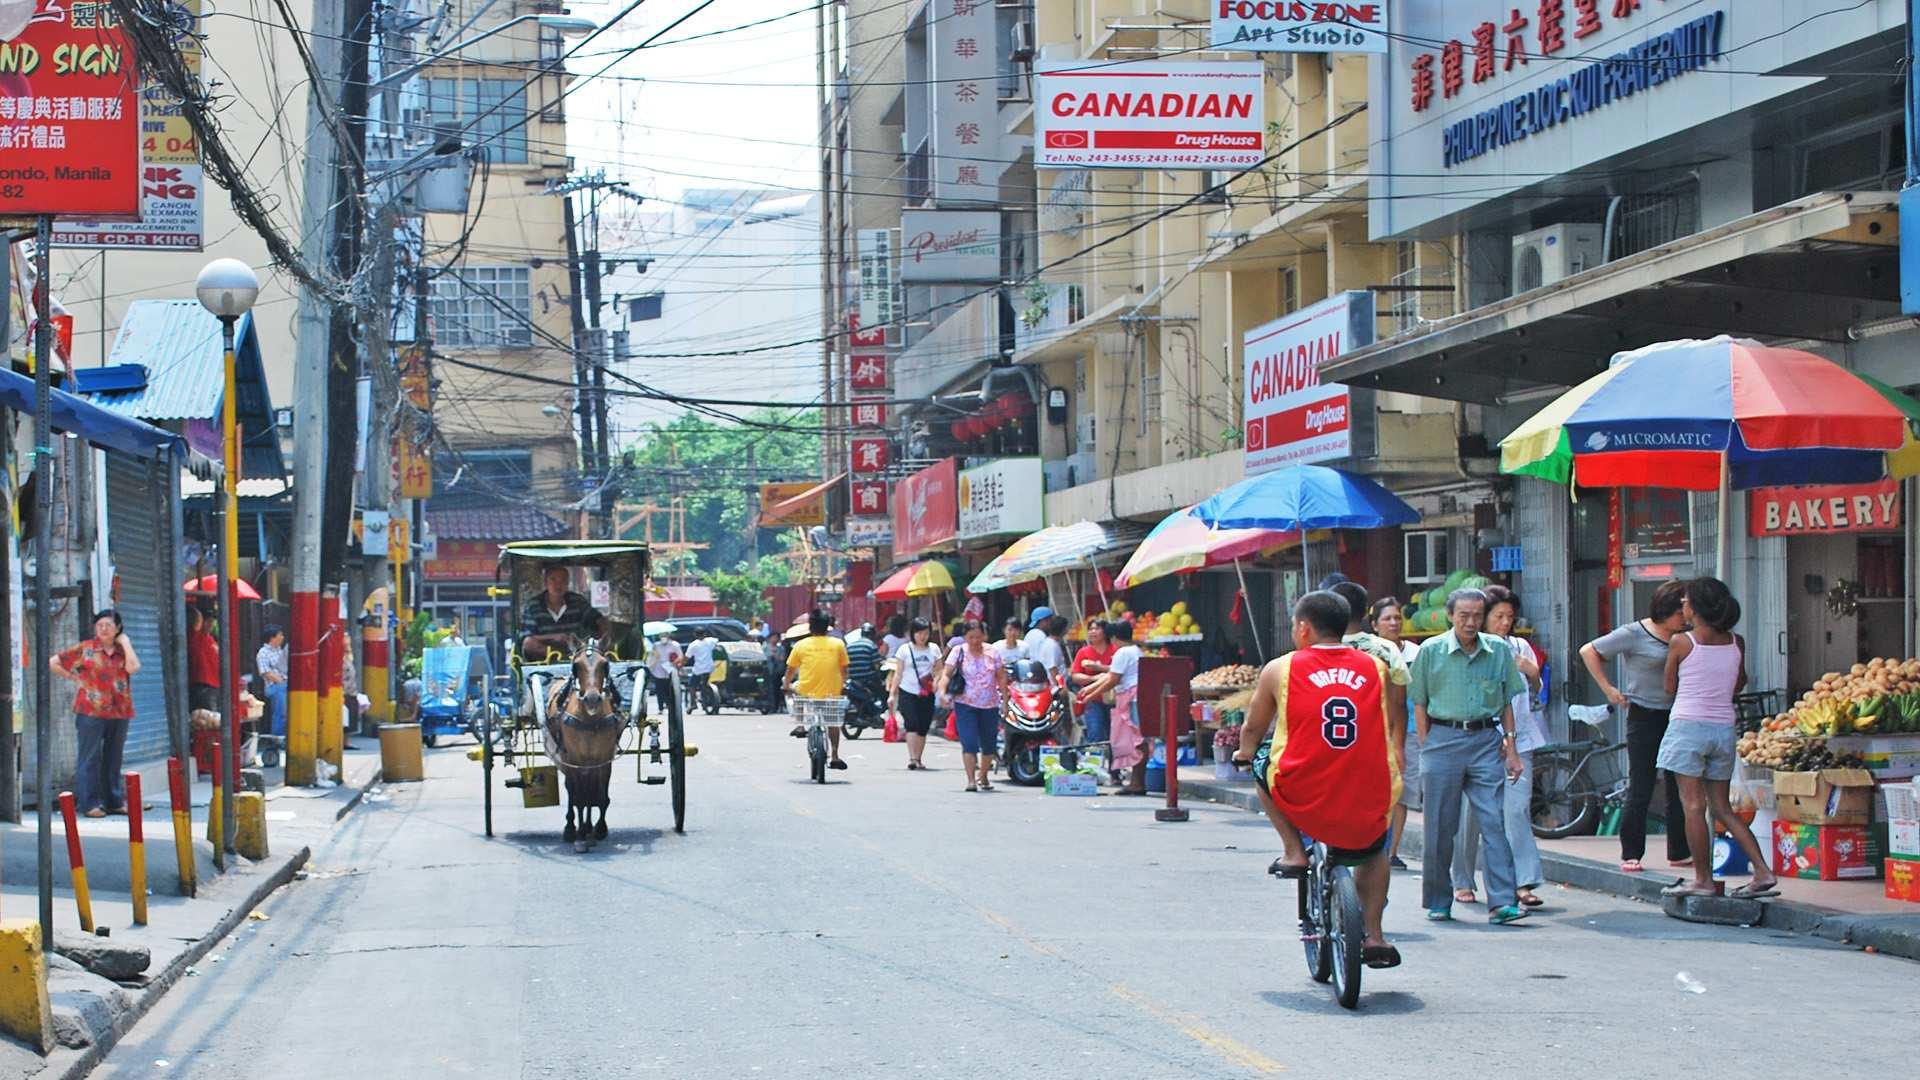 【菲律賓美食巡禮】馬尼拉中國城小吃步行導覽